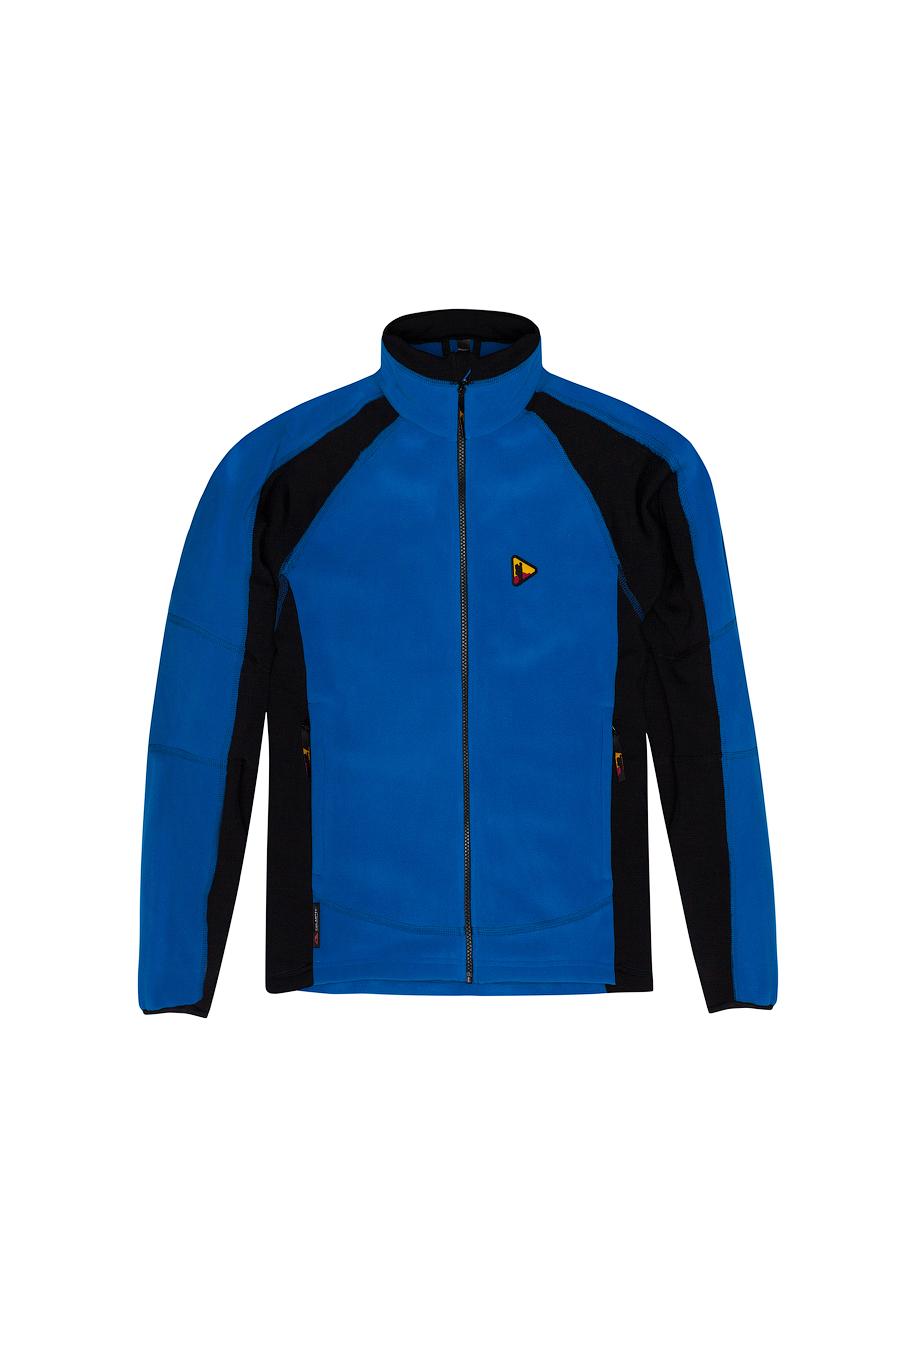 Куртка BASK FORWARD 4107Тёплая  мужская  куртка из ткани Polartec® Thermal Pro®.<br><br>Боковые карманы: 2<br>Вес граммы: 540<br>Ветрозащитная планка: Да<br>Внутренние карманы: 1<br>Материал: Polartec® Thermal Pro® плюс Polartec® Power Stretch®<br>Материал усиления: нет<br>Пол: Муж.<br>Регулировка вентиляции: Нет<br>Регулировка низа: Да<br>Регулируемые вентиляционные отверстия: Нет<br>Тип молнии: однозамковая<br>Усиление контактных зон: Нет<br>Размер INT: S<br>Цвет: СЕРЫЙ